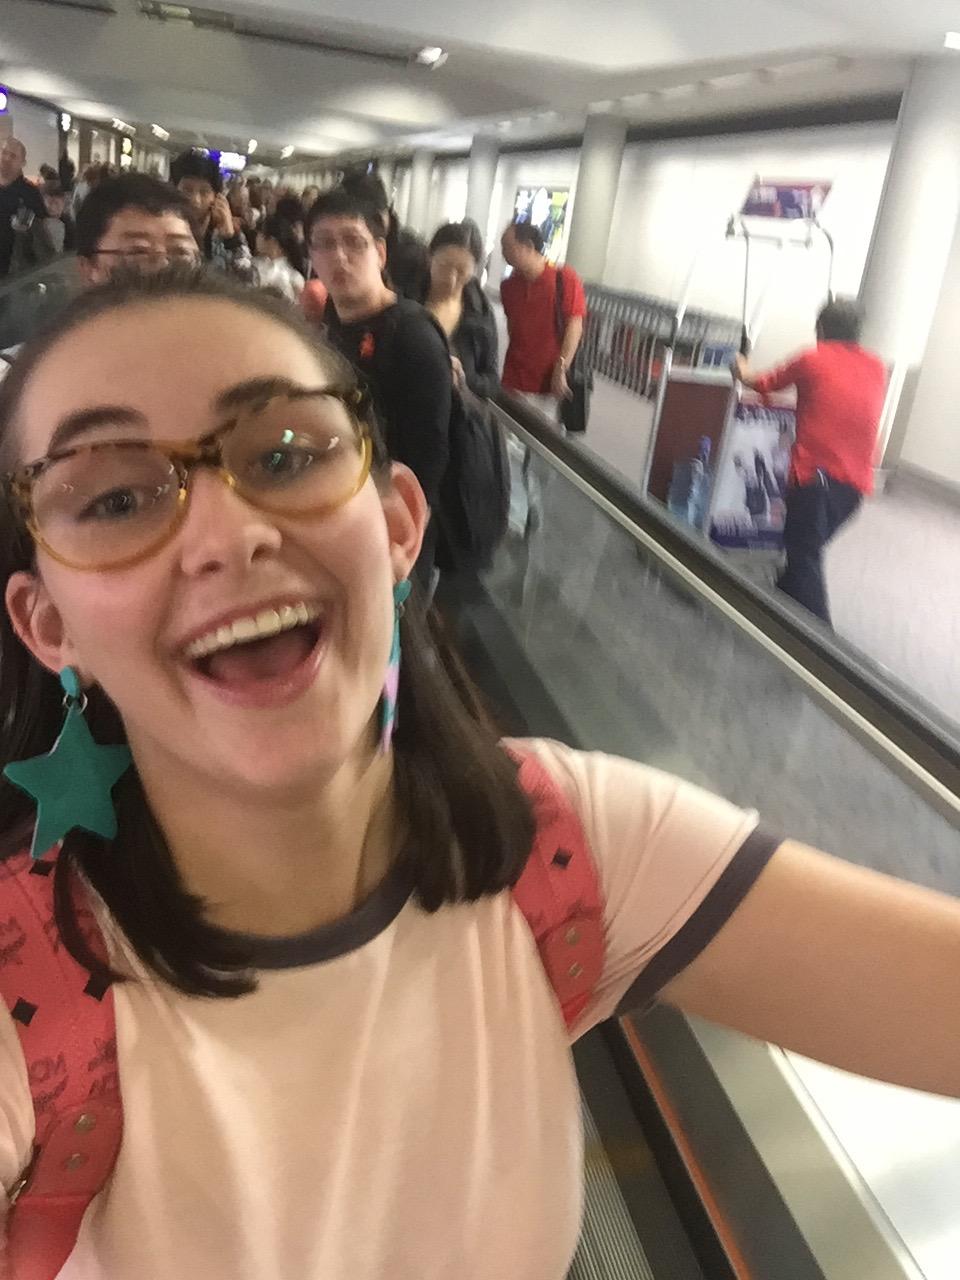 Airport selfies